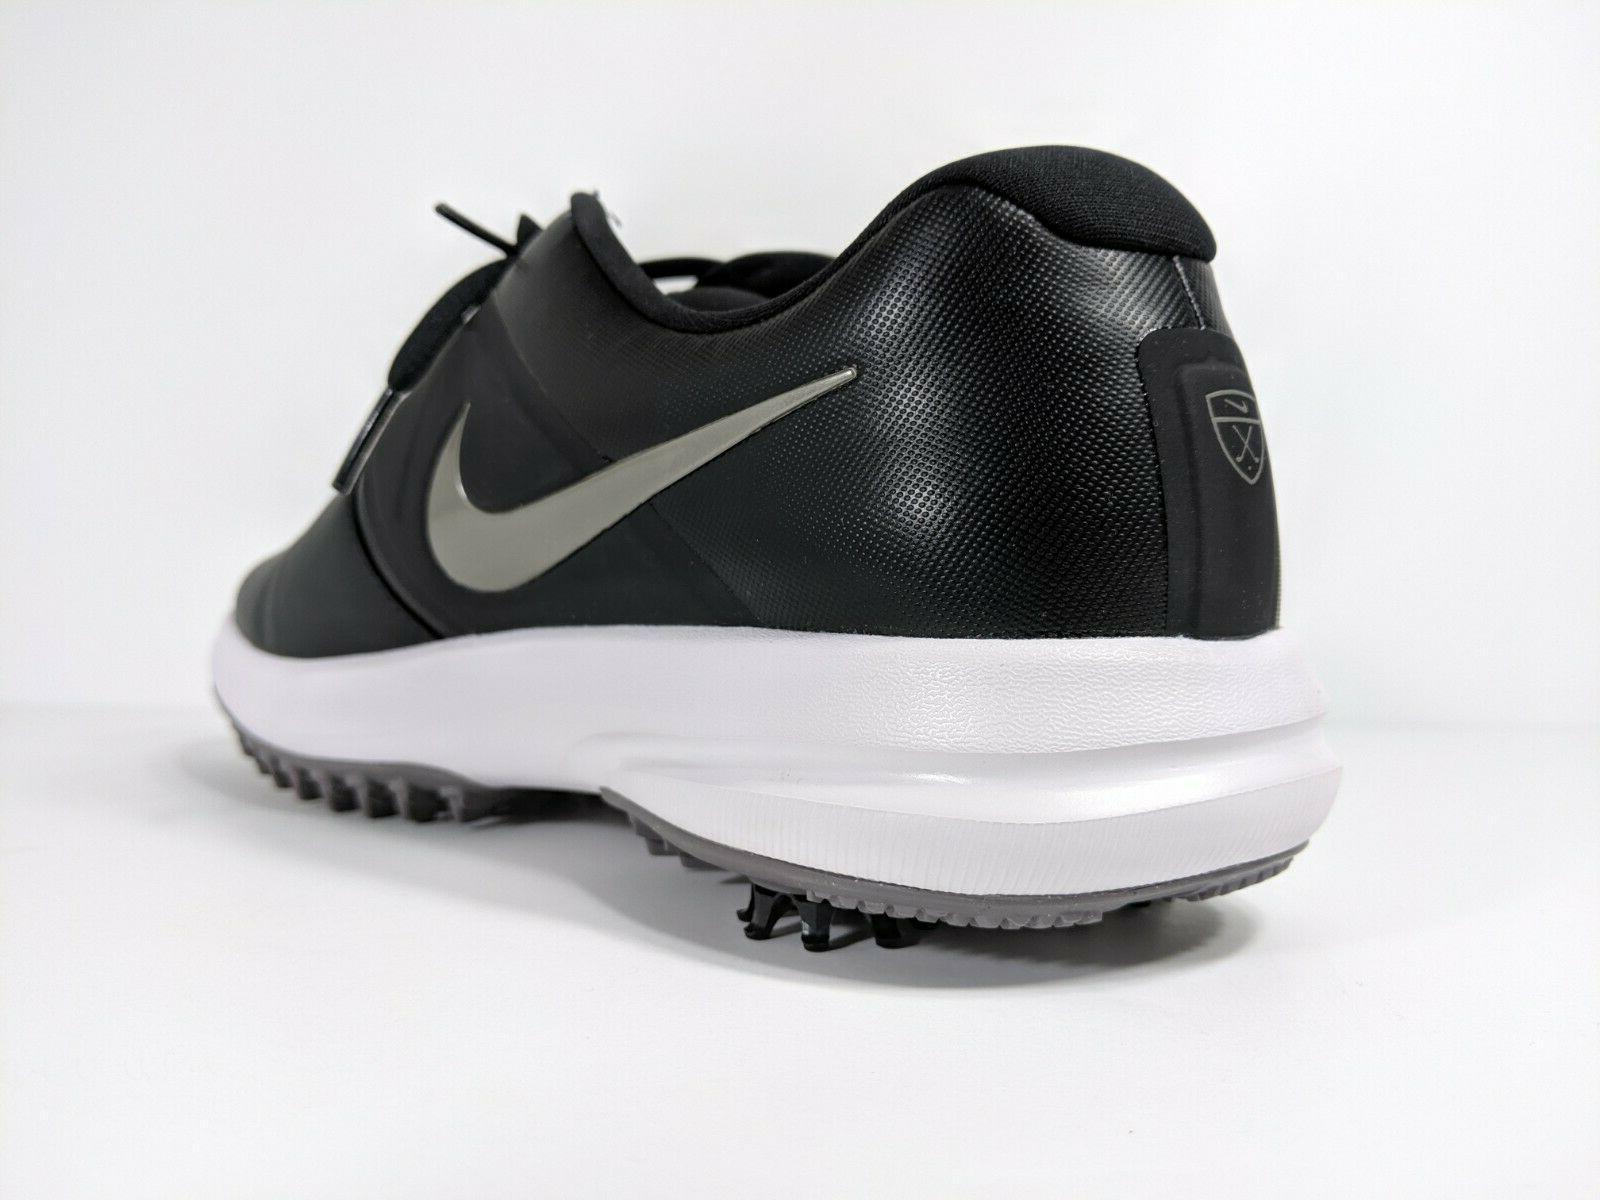 New Nike Black